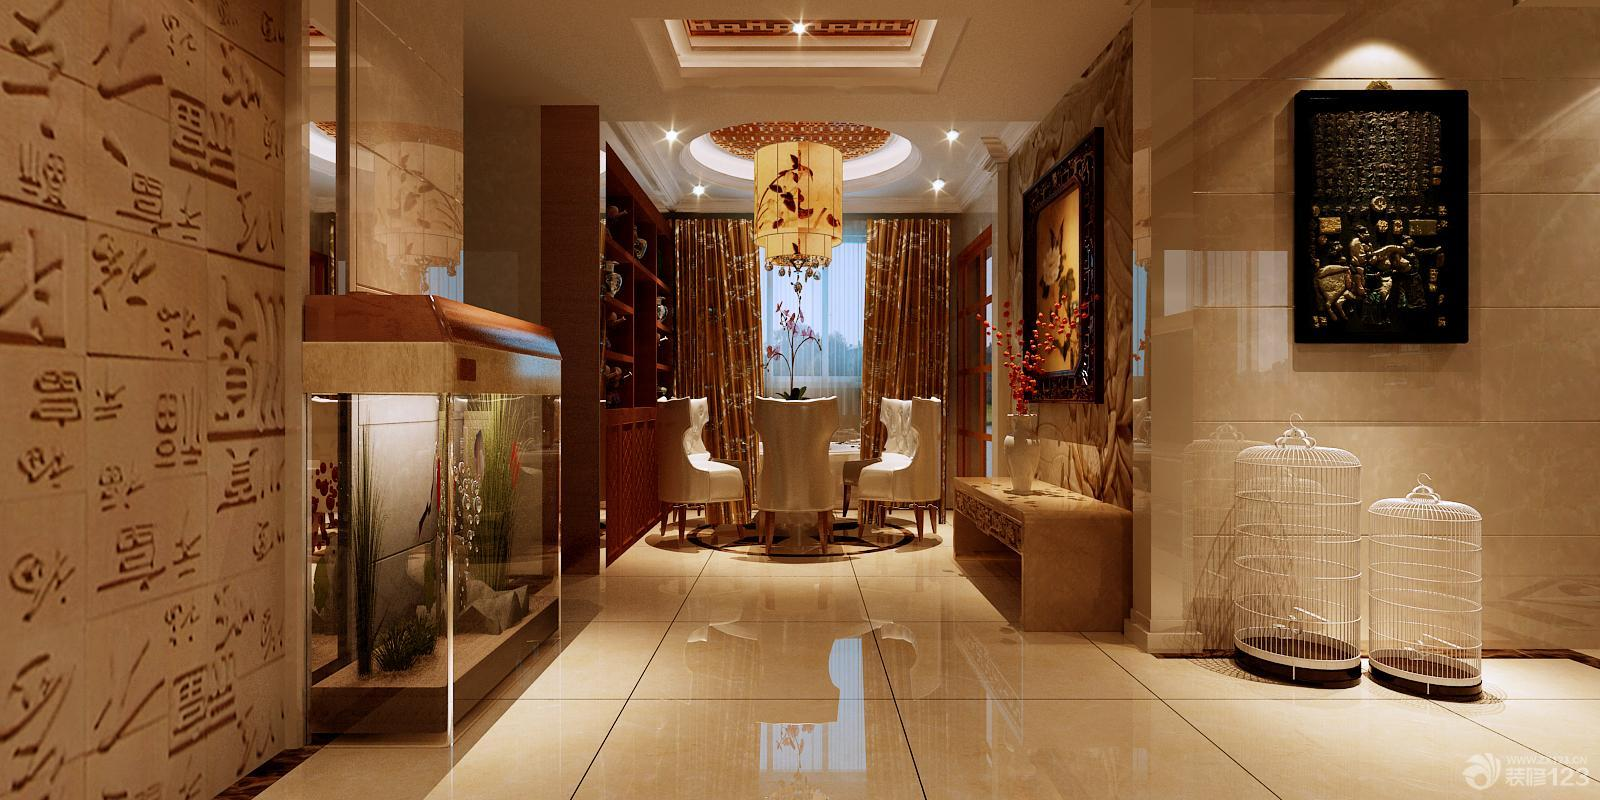 中式风格鱼缸玄关效果图欣赏图片